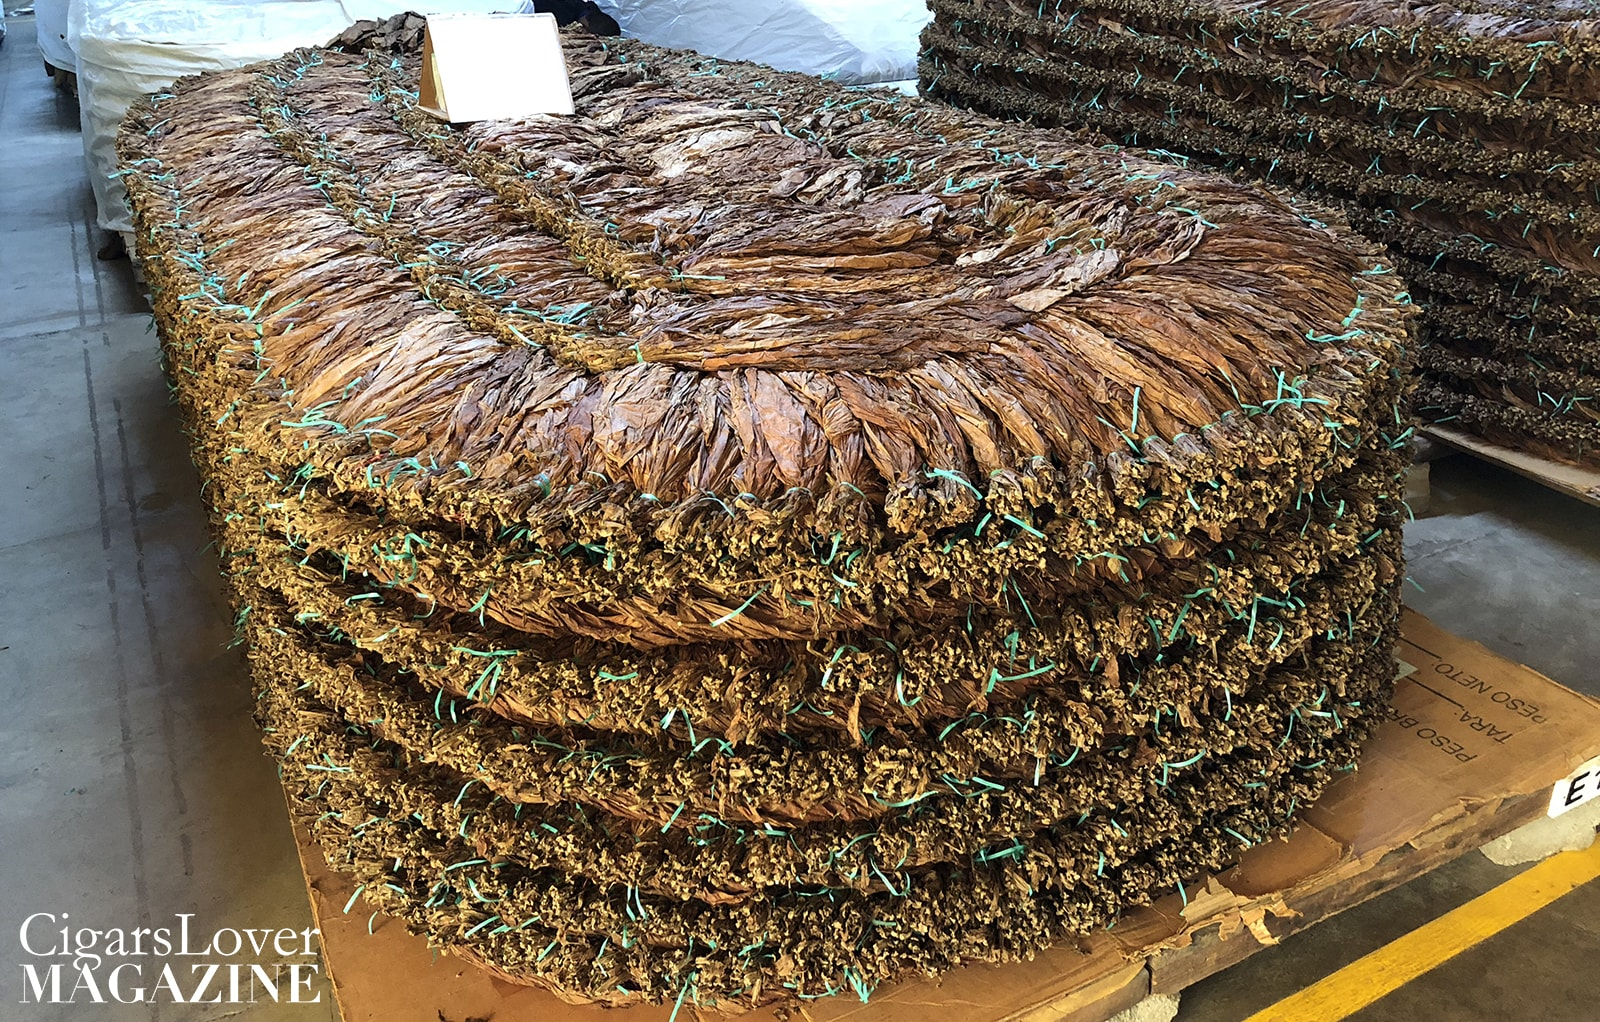 pilon - tobacco